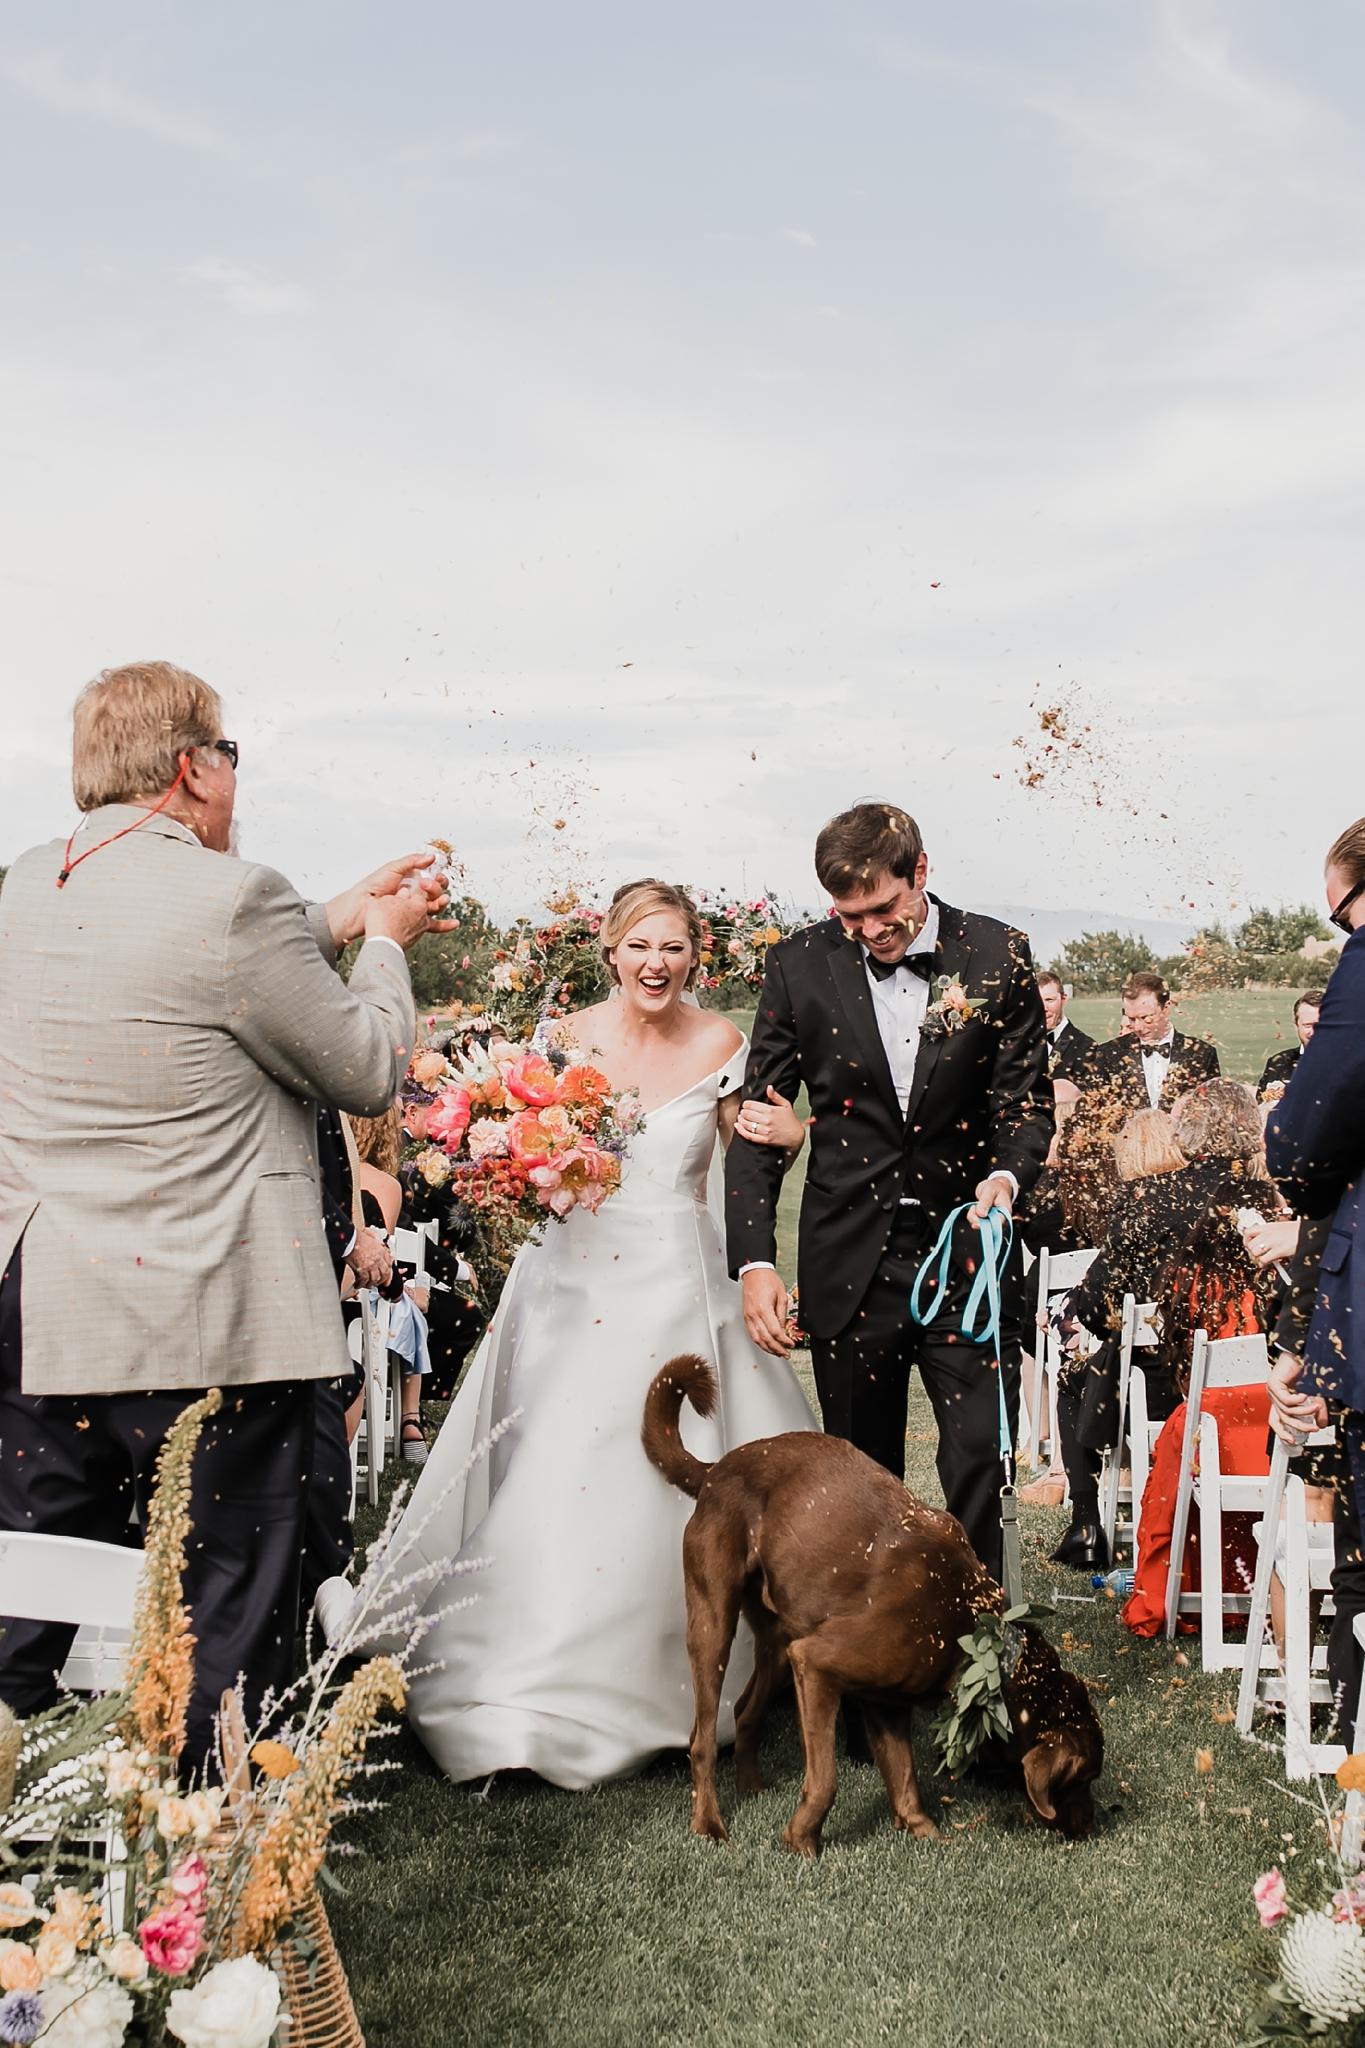 Alicia+lucia+photography+-+albuquerque+wedding+photographer+-+santa+fe+wedding+photography+-+new+mexico+wedding+photographer+-+new+mexico+wedding+-+las+campanas+wedding+-+santa+fe+wedding+-+maximalist+wedding+-+destination+wedding_0066.jpg